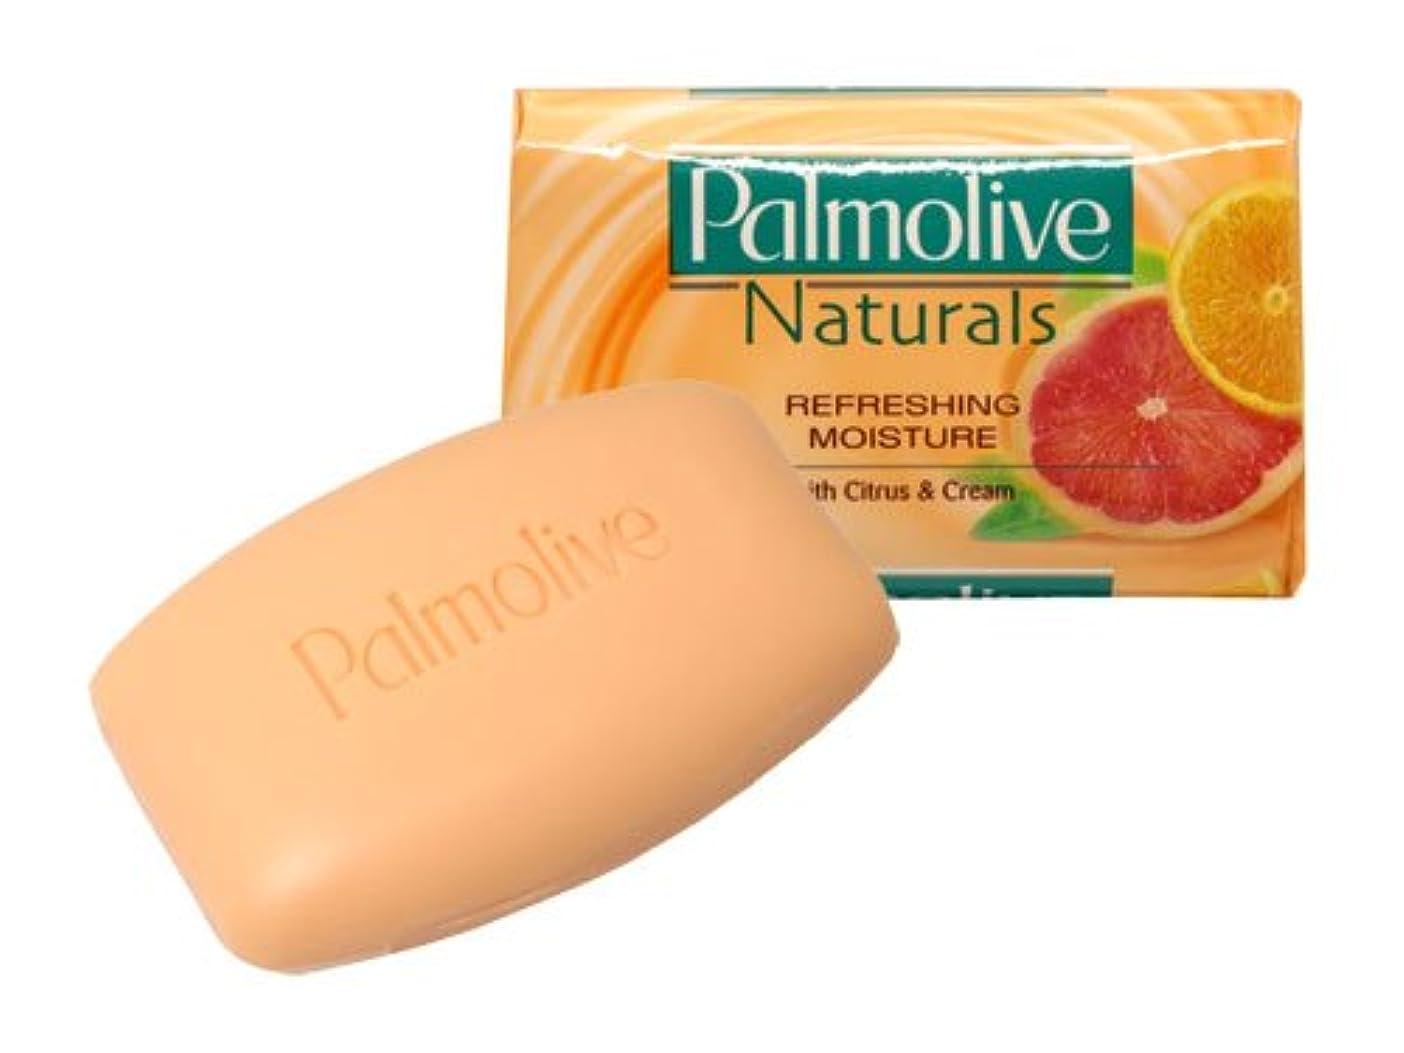 卒業記念アルバムあなたはめ言葉【Palmolive】パルモリーブ ナチュラルズ石鹸3個パック(シトラス&クリーム)